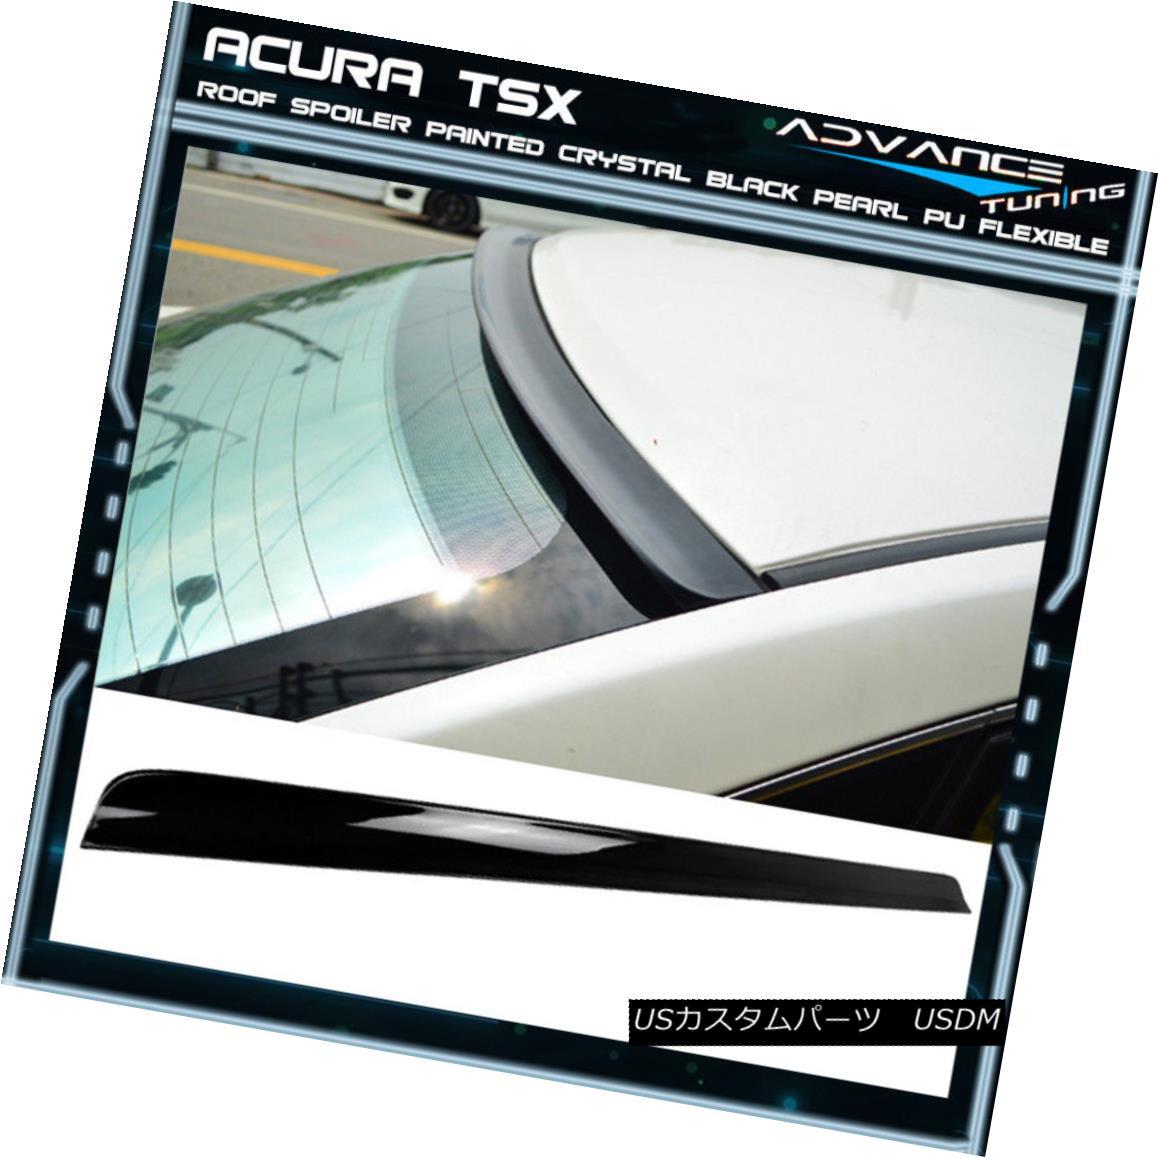 エアロパーツ 09-14 Acura TSX 4D OEM Painted Crystal Black Pearl PU Flexible Rear Roof Spoiler 09-14アキュラTSX 4D OEM塗装クリスタルブラックパールPUフレキシブルリアルーフスポイラー